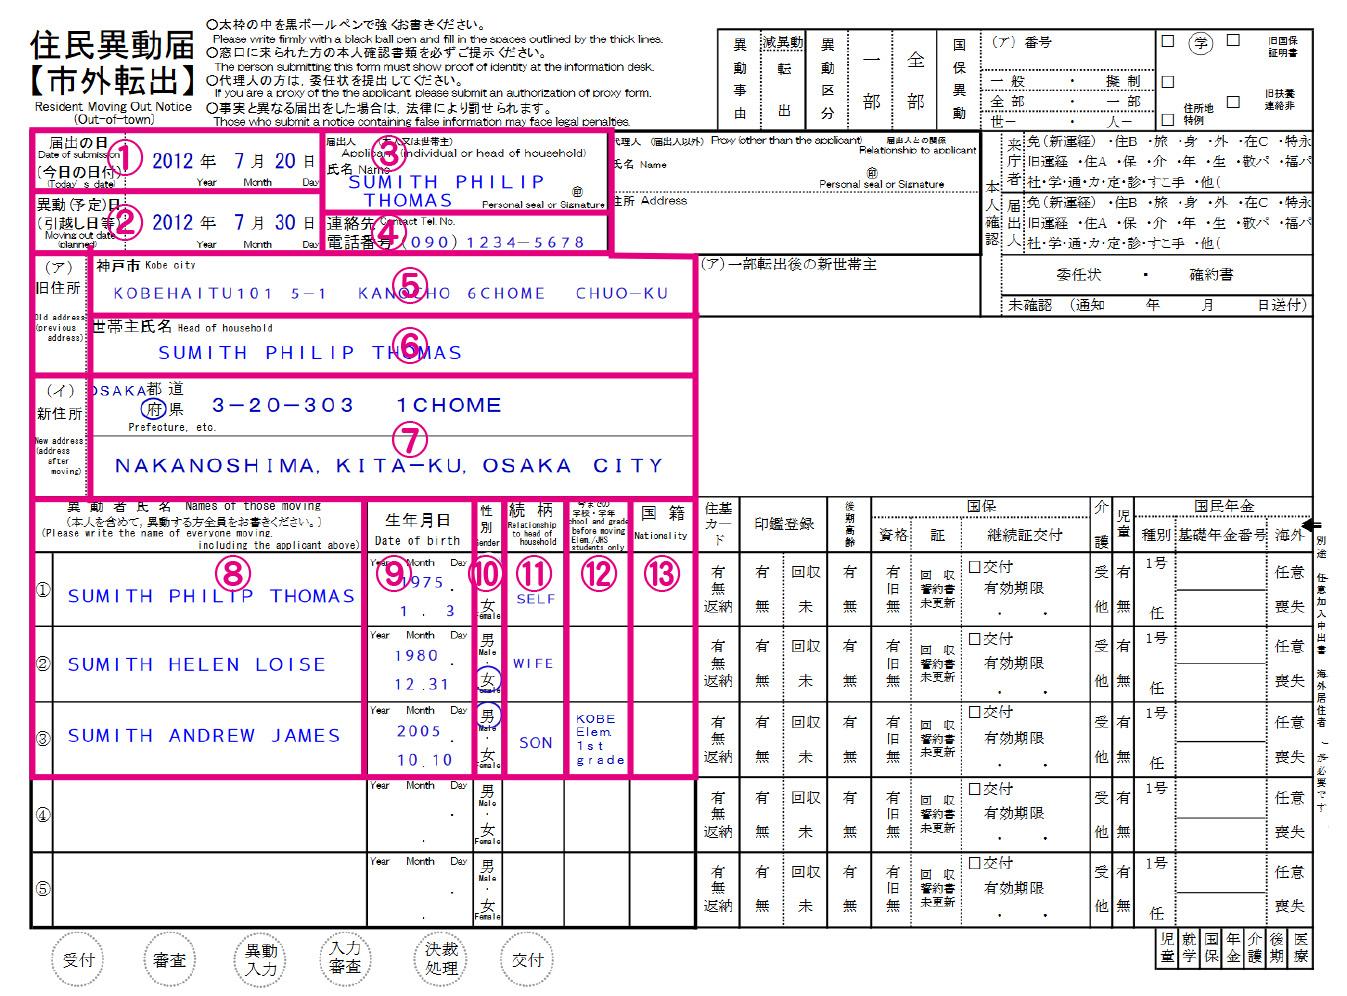 届 書類 転入 必要 【2021最新】新宿区で転入届を出す方法を詳しく解説<ワクワクドキドキ新生活>|マチしる東京